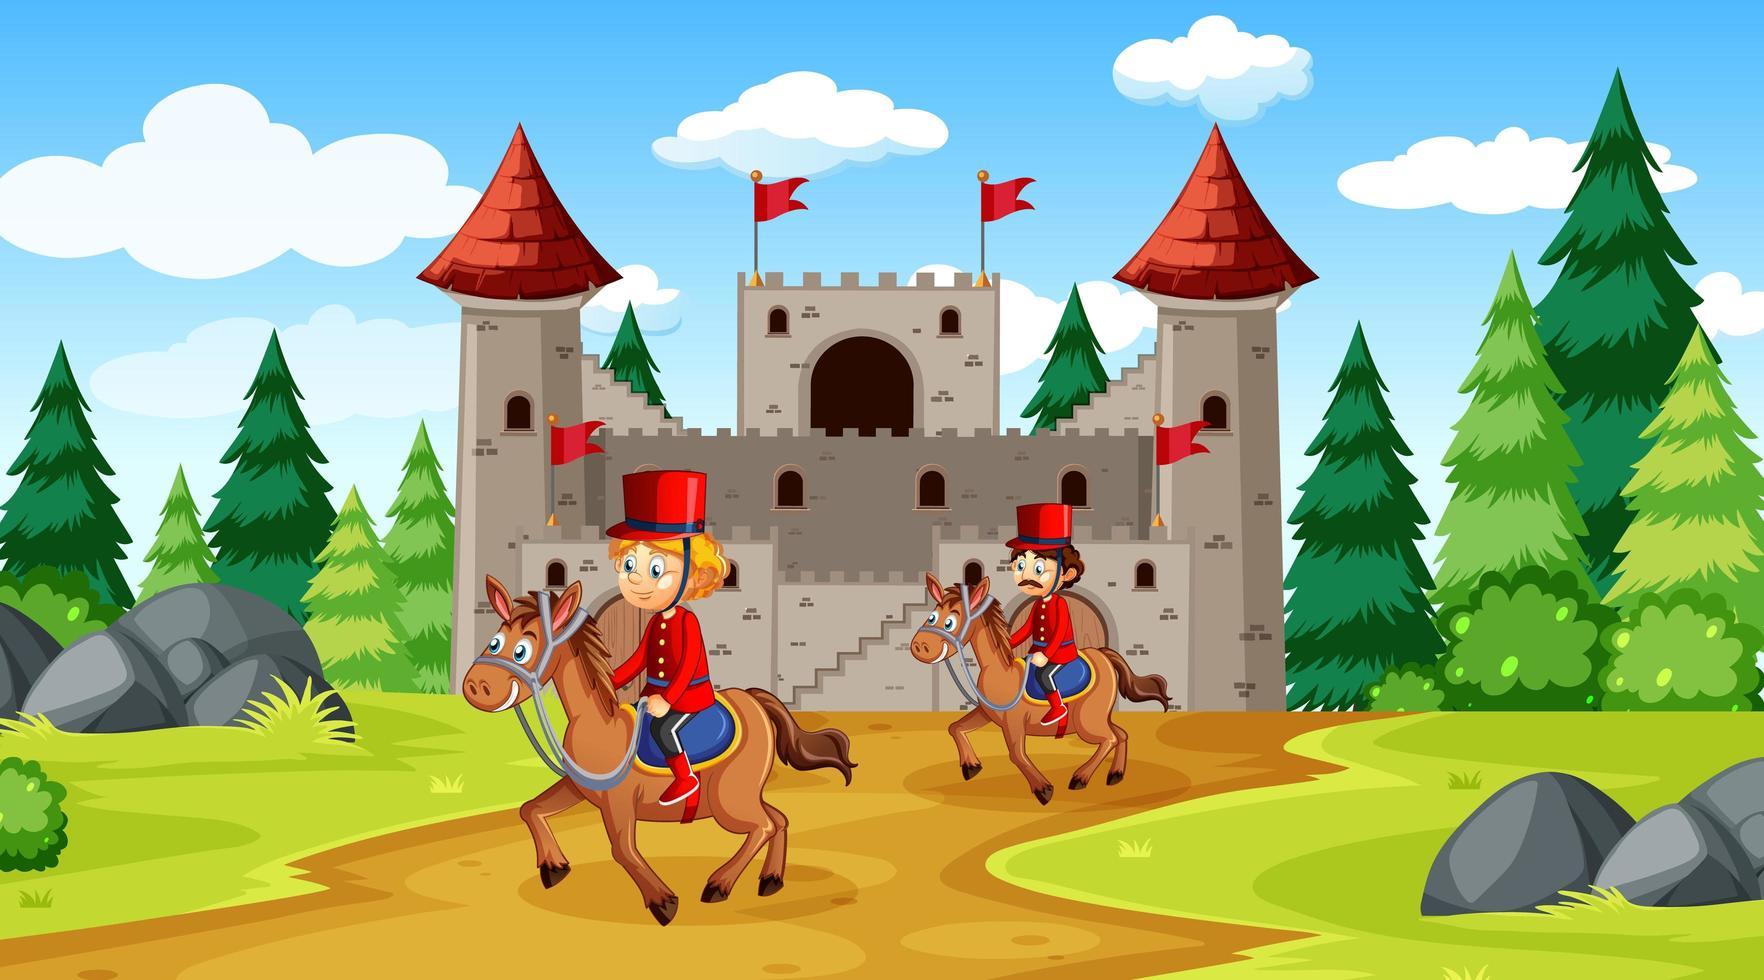 scène de conte de fées avec château et scène de la garde royale de soldat vecteur